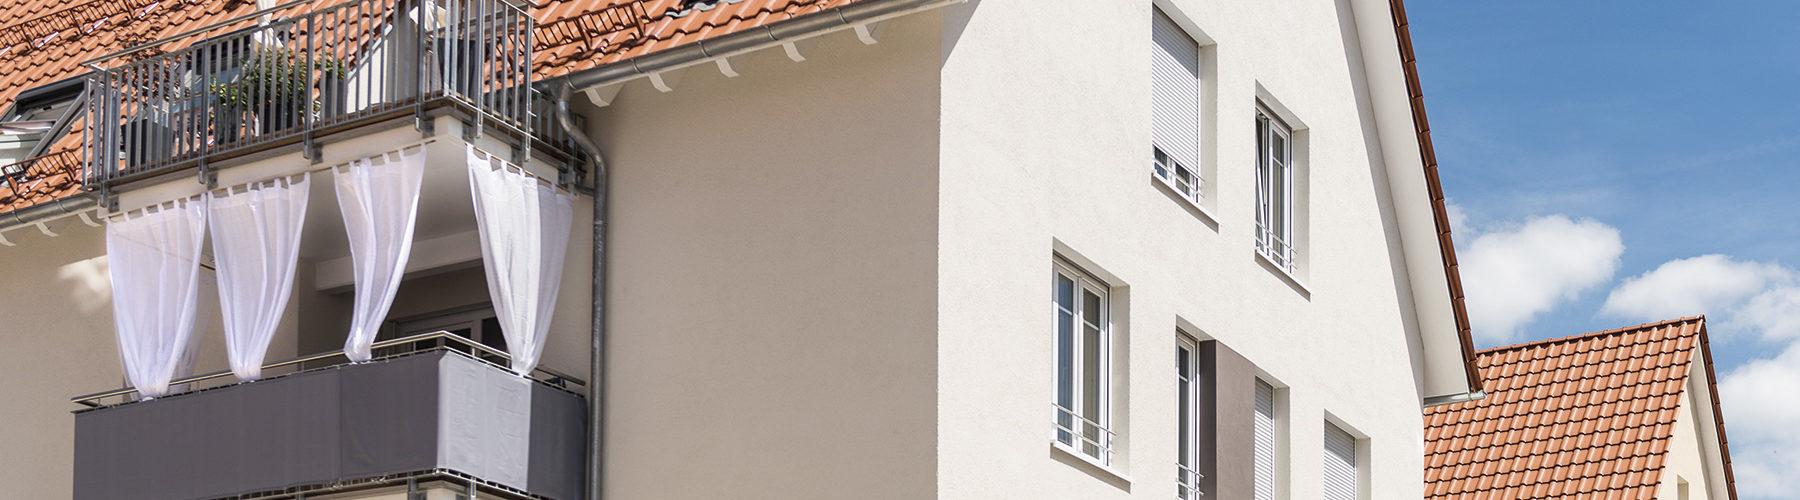 Eigentumswohnungen der Wohnungsbaugesellschaft Schwäbisch Gmünd